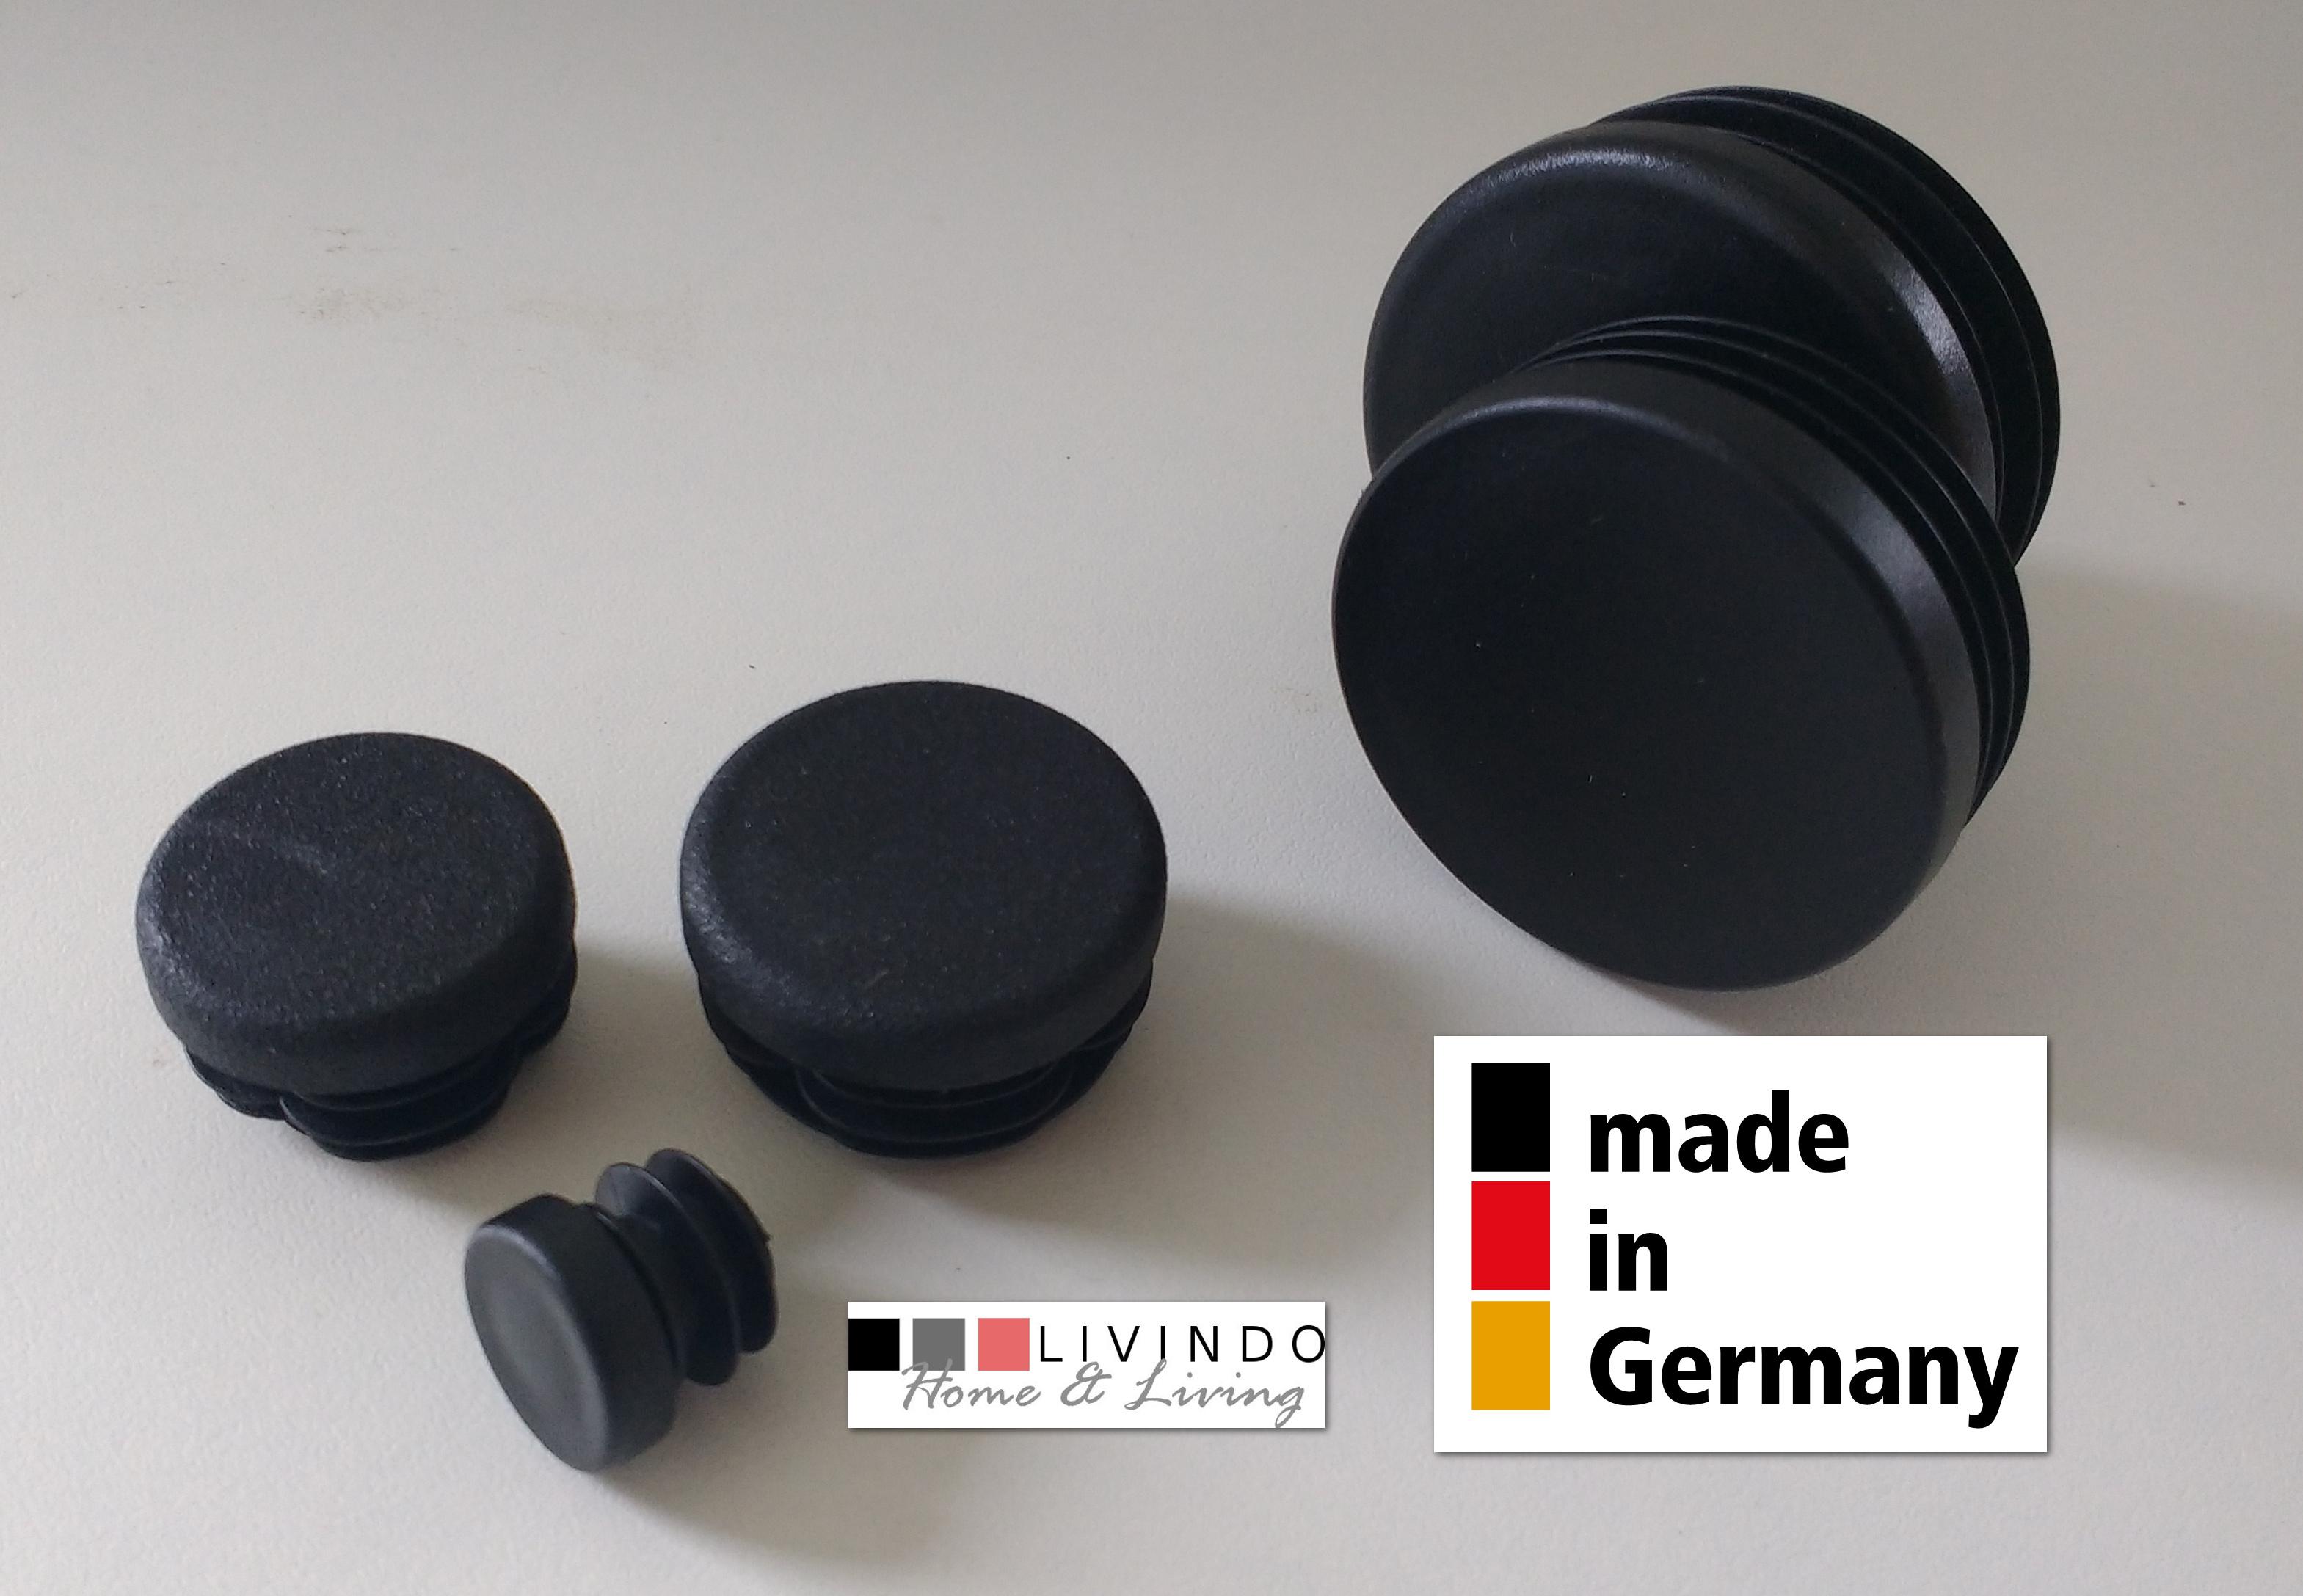 20 Stck. Lamellenstopfen Rohrstopfen Pfostenkappen Rund 60 mm mm Schwarz